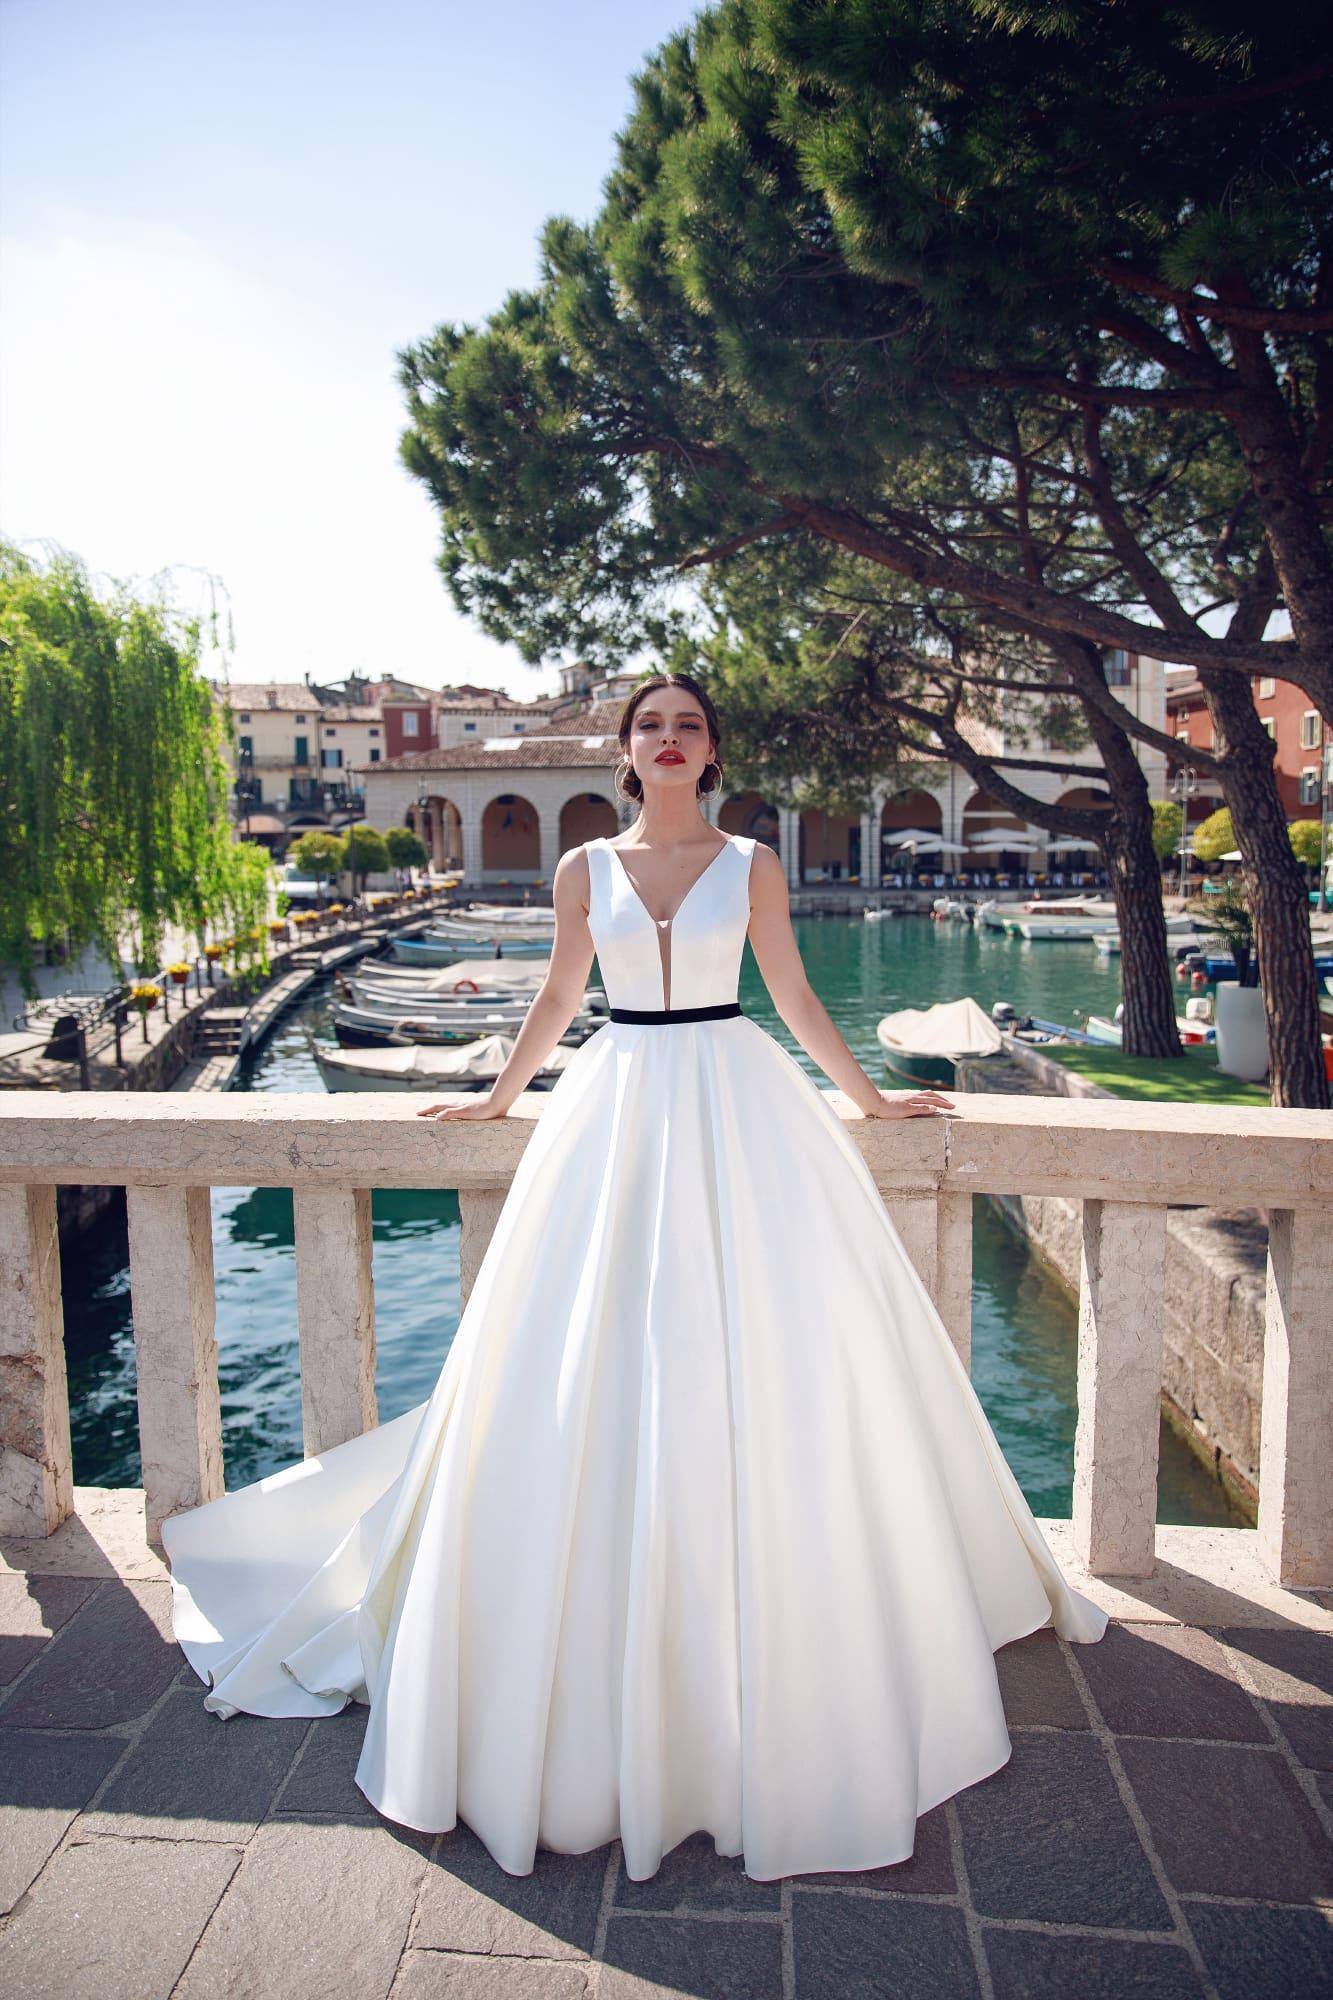 Пышное свадебное платье с черным поясом и глубоким вырезом.